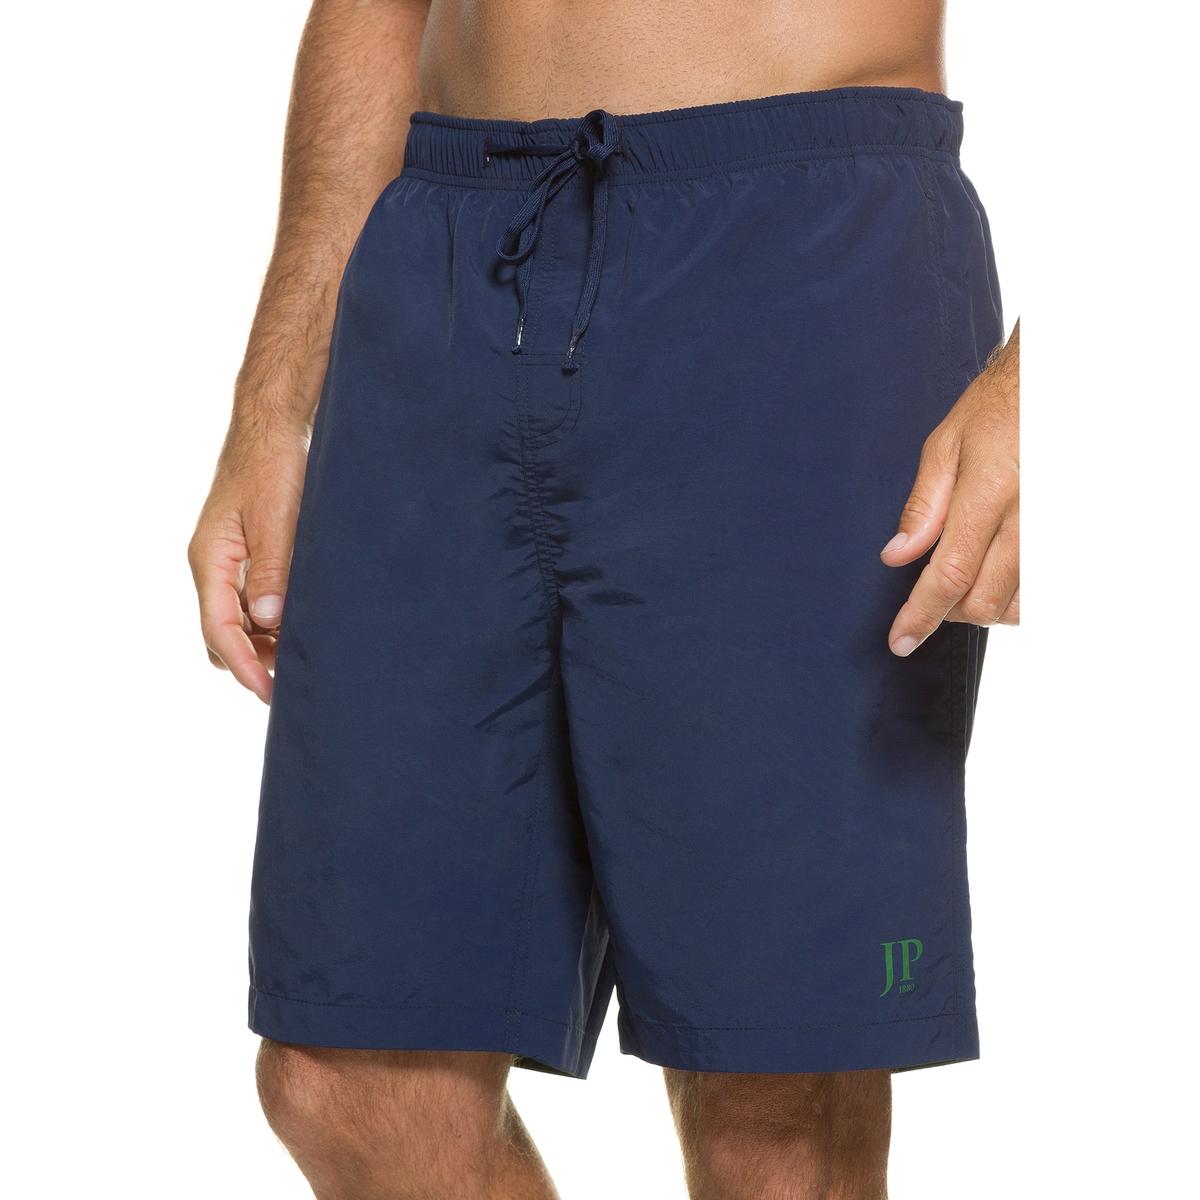 Шорты пляжныеПляжные шорты JP1880. Быстро сохнут. Эластичный пояс и шнурок. Небольшой рисунок внизу. Вшитые трусы из сетчатого материала. 100% полиамид. Подкладка: 100% полиэстер. Длина по внутр.шву ок.. 60 см<br><br>Цвет: синий морской